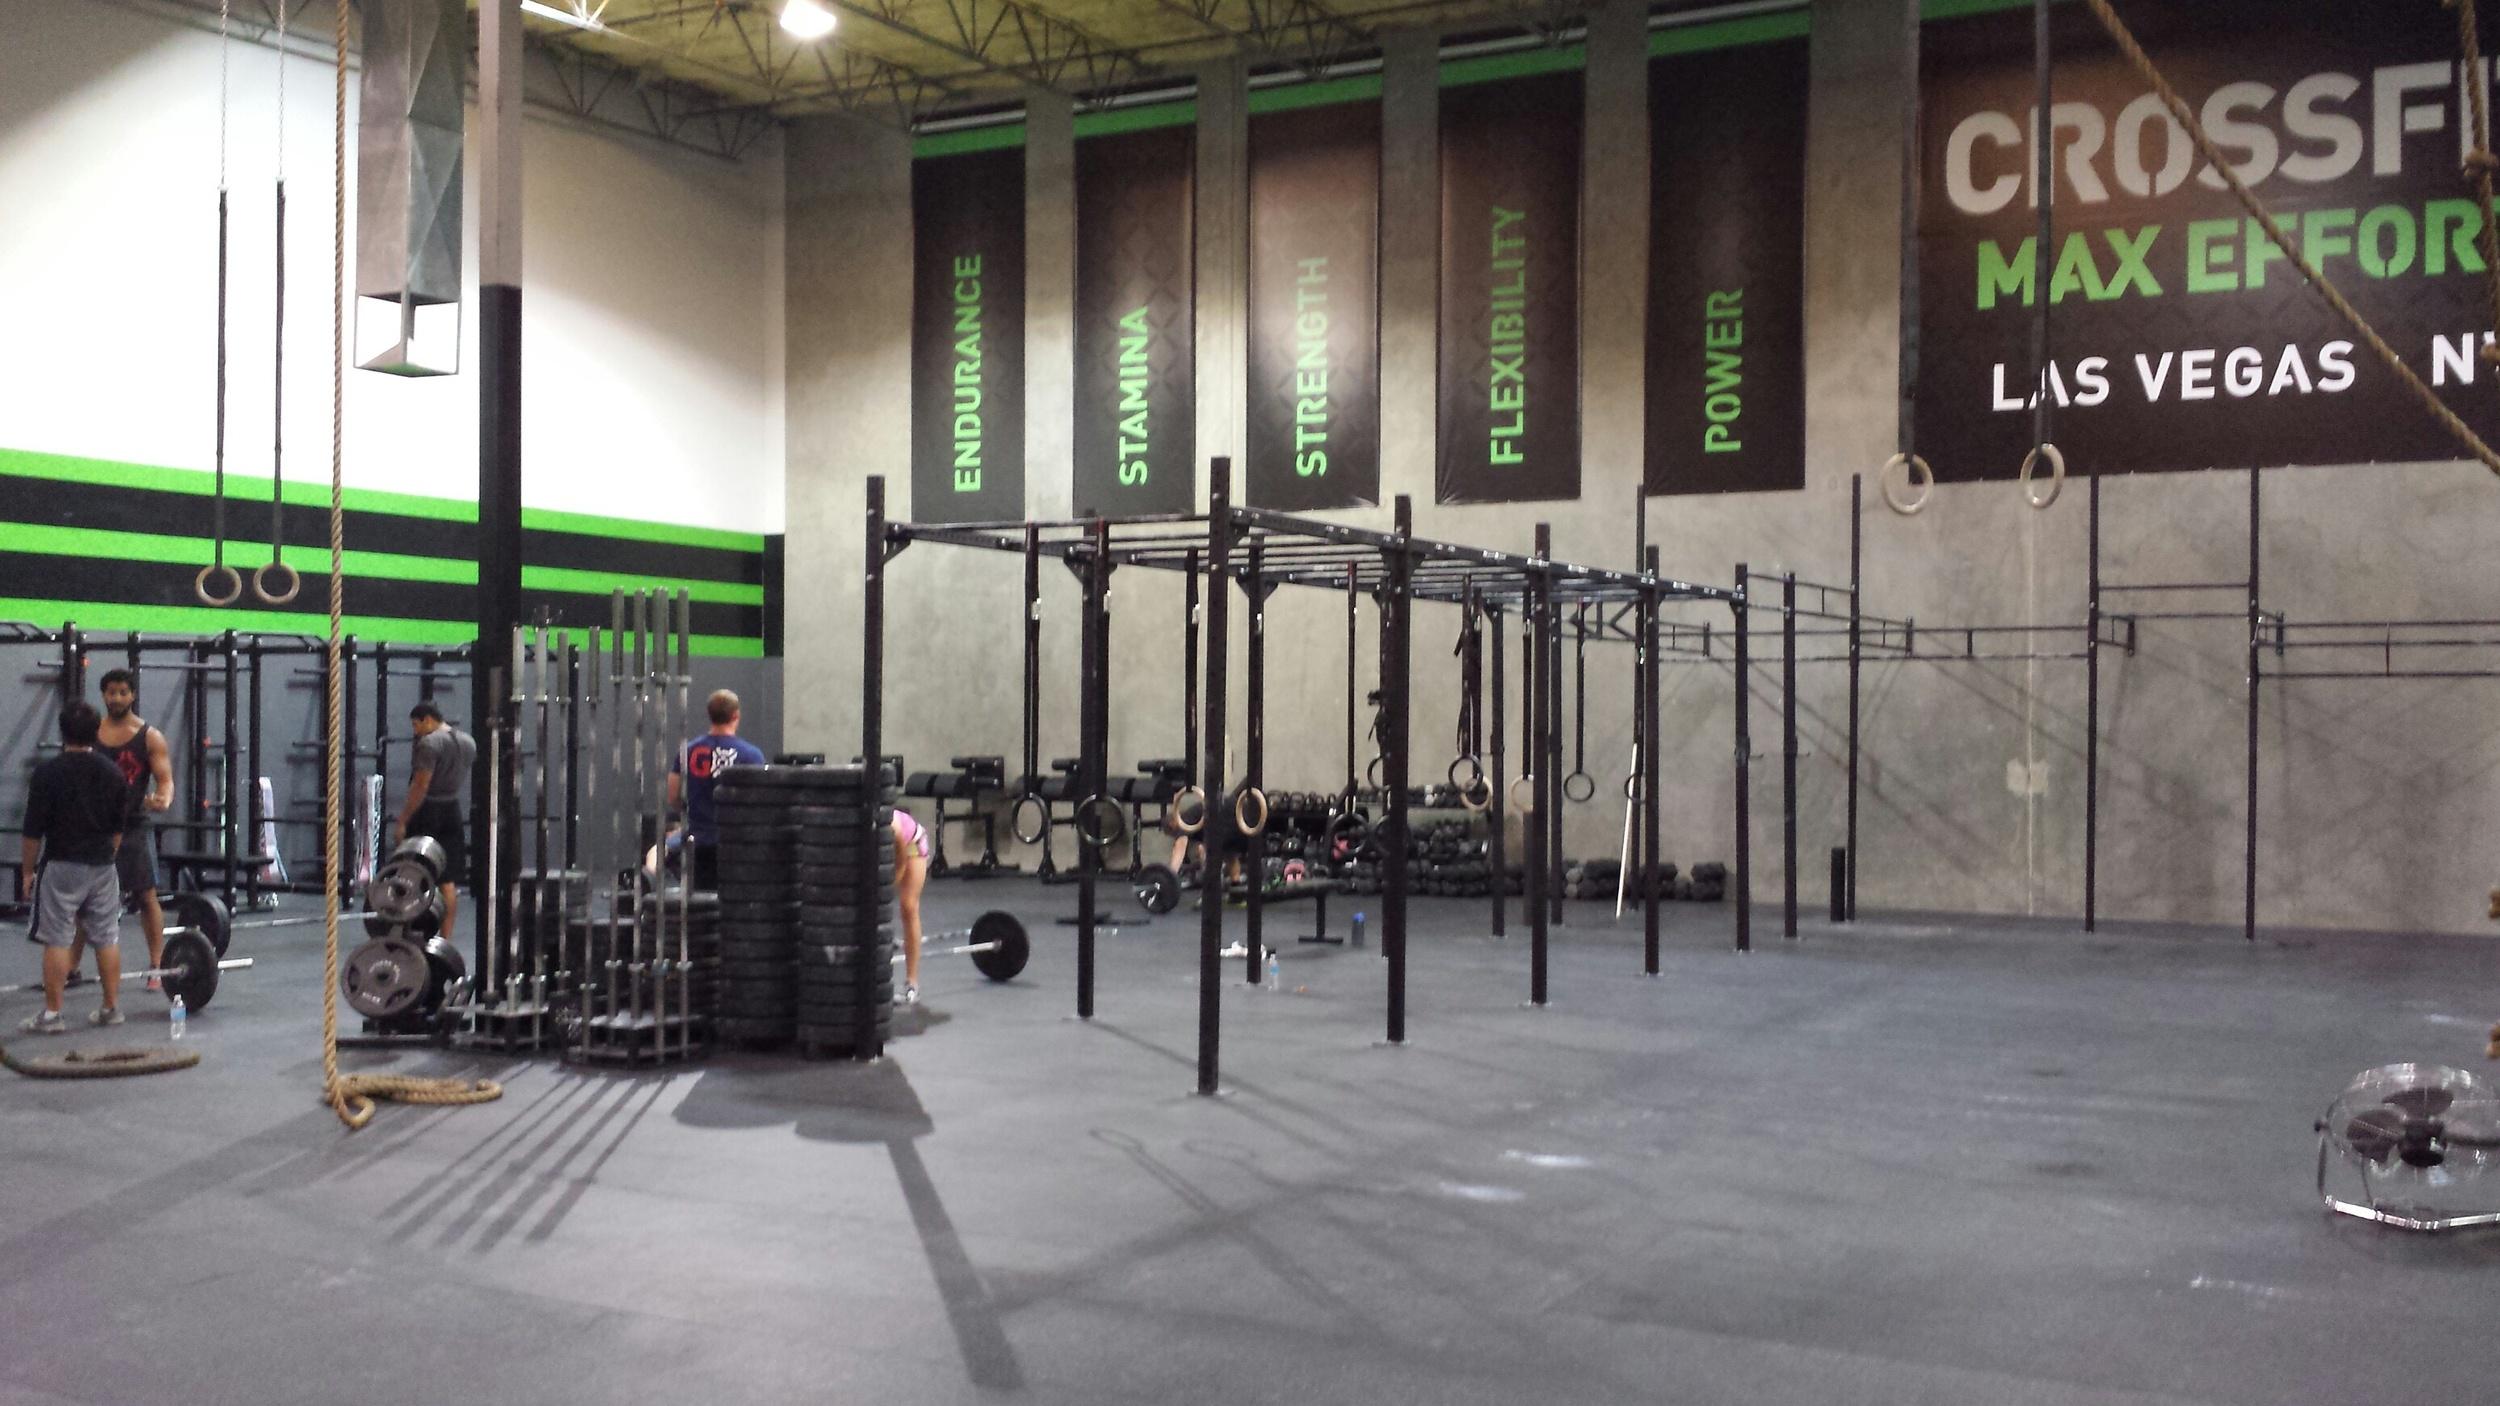 CrossFit Max Effort Las Vegas